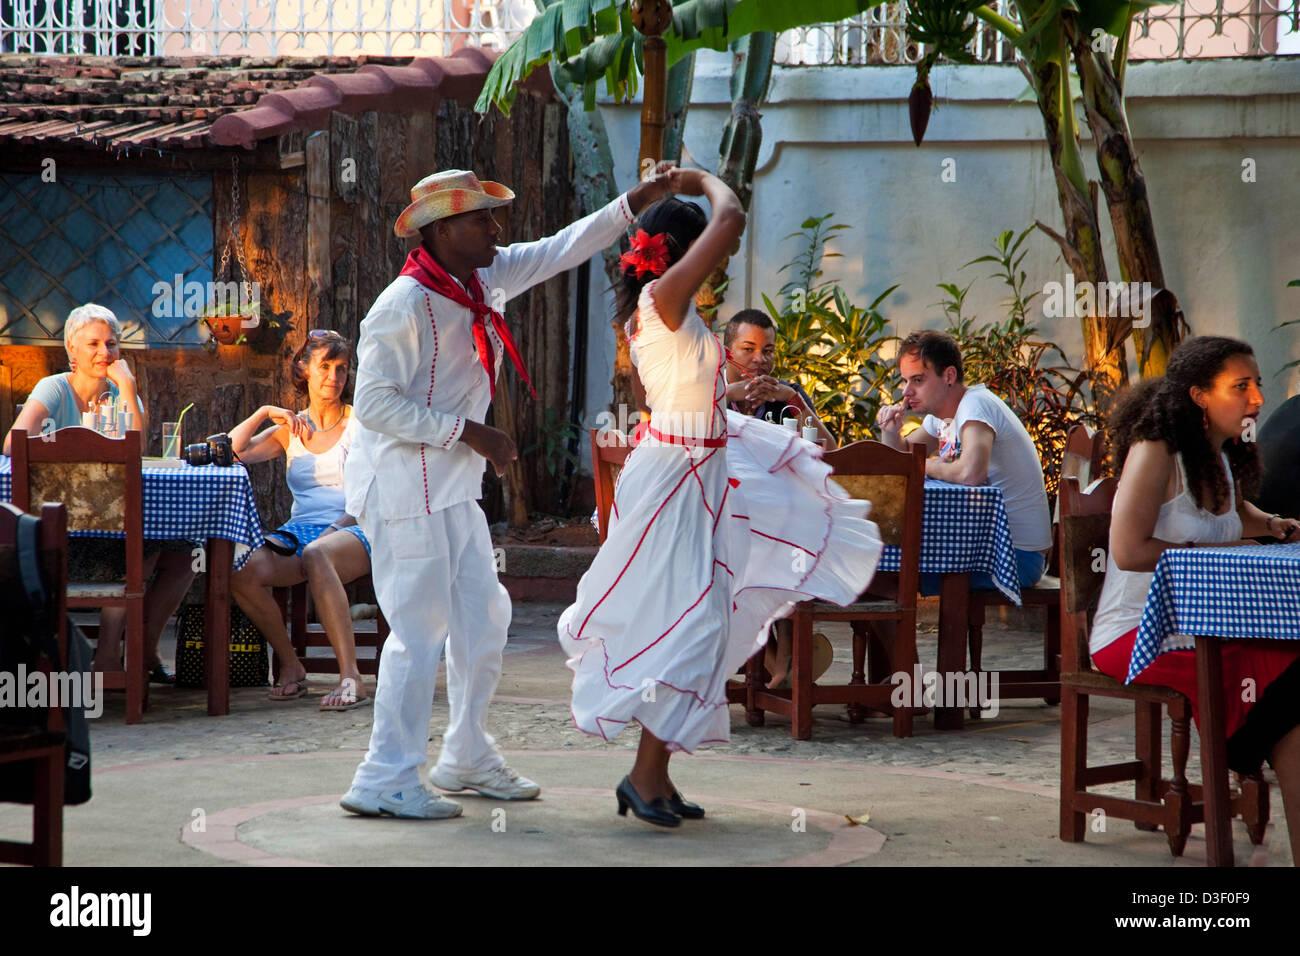 Couple dancing style cubain espagnol pour les touristes dans un bar en plein air à Trinidad, Cuba Photo Stock